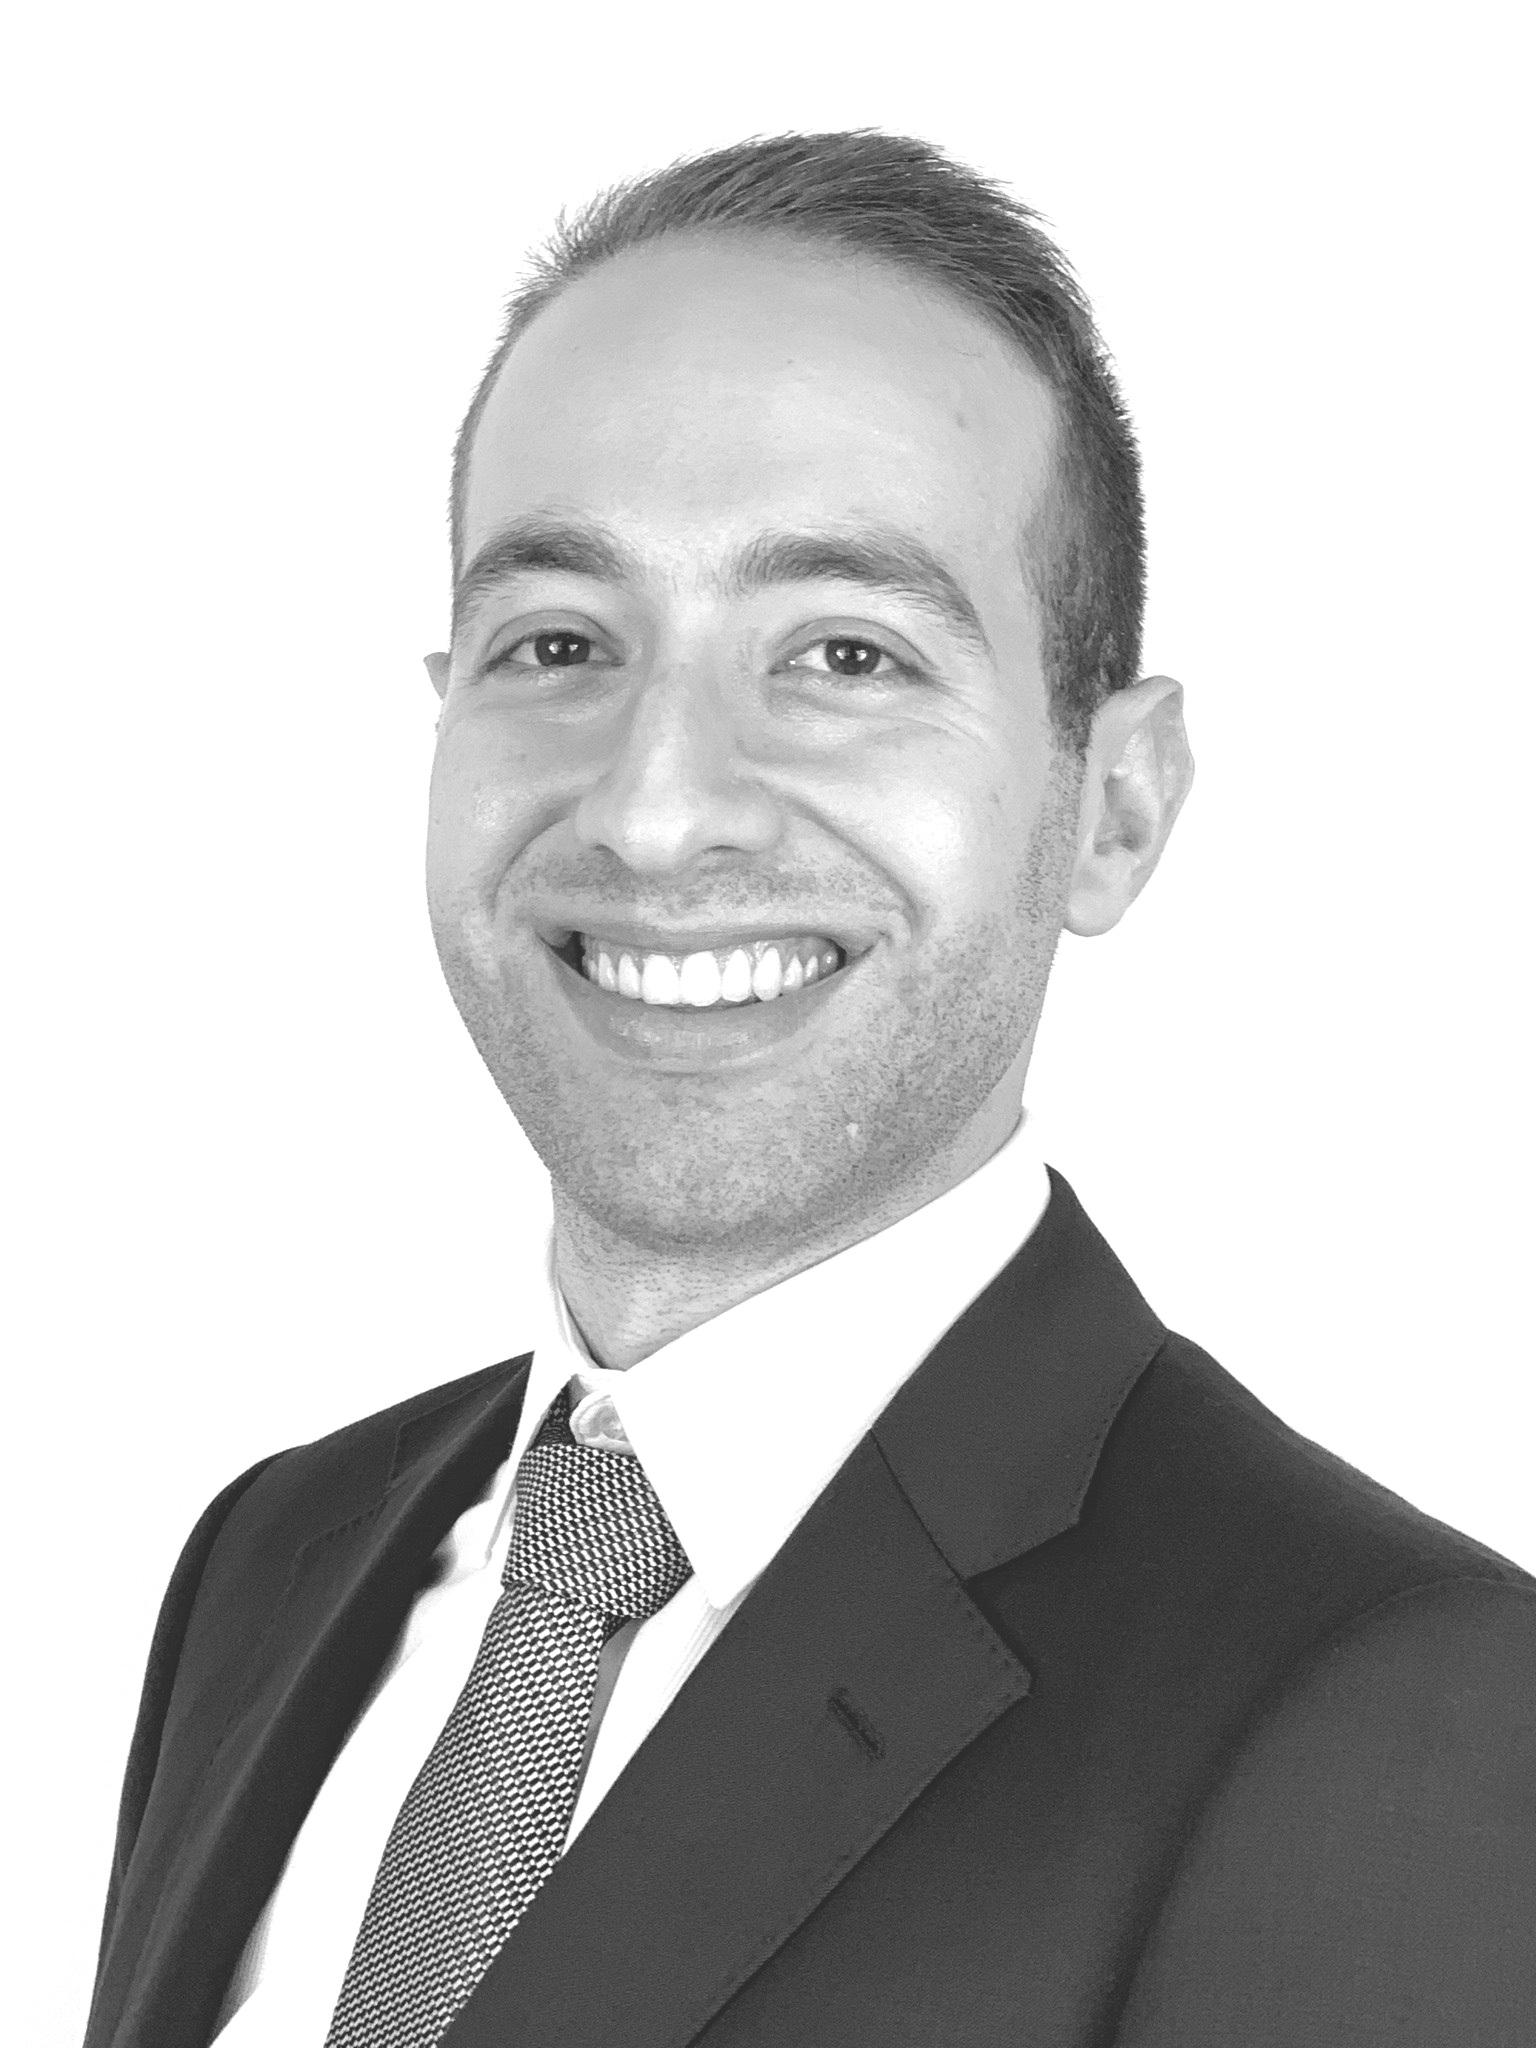 Giorgio Kringas - Associate